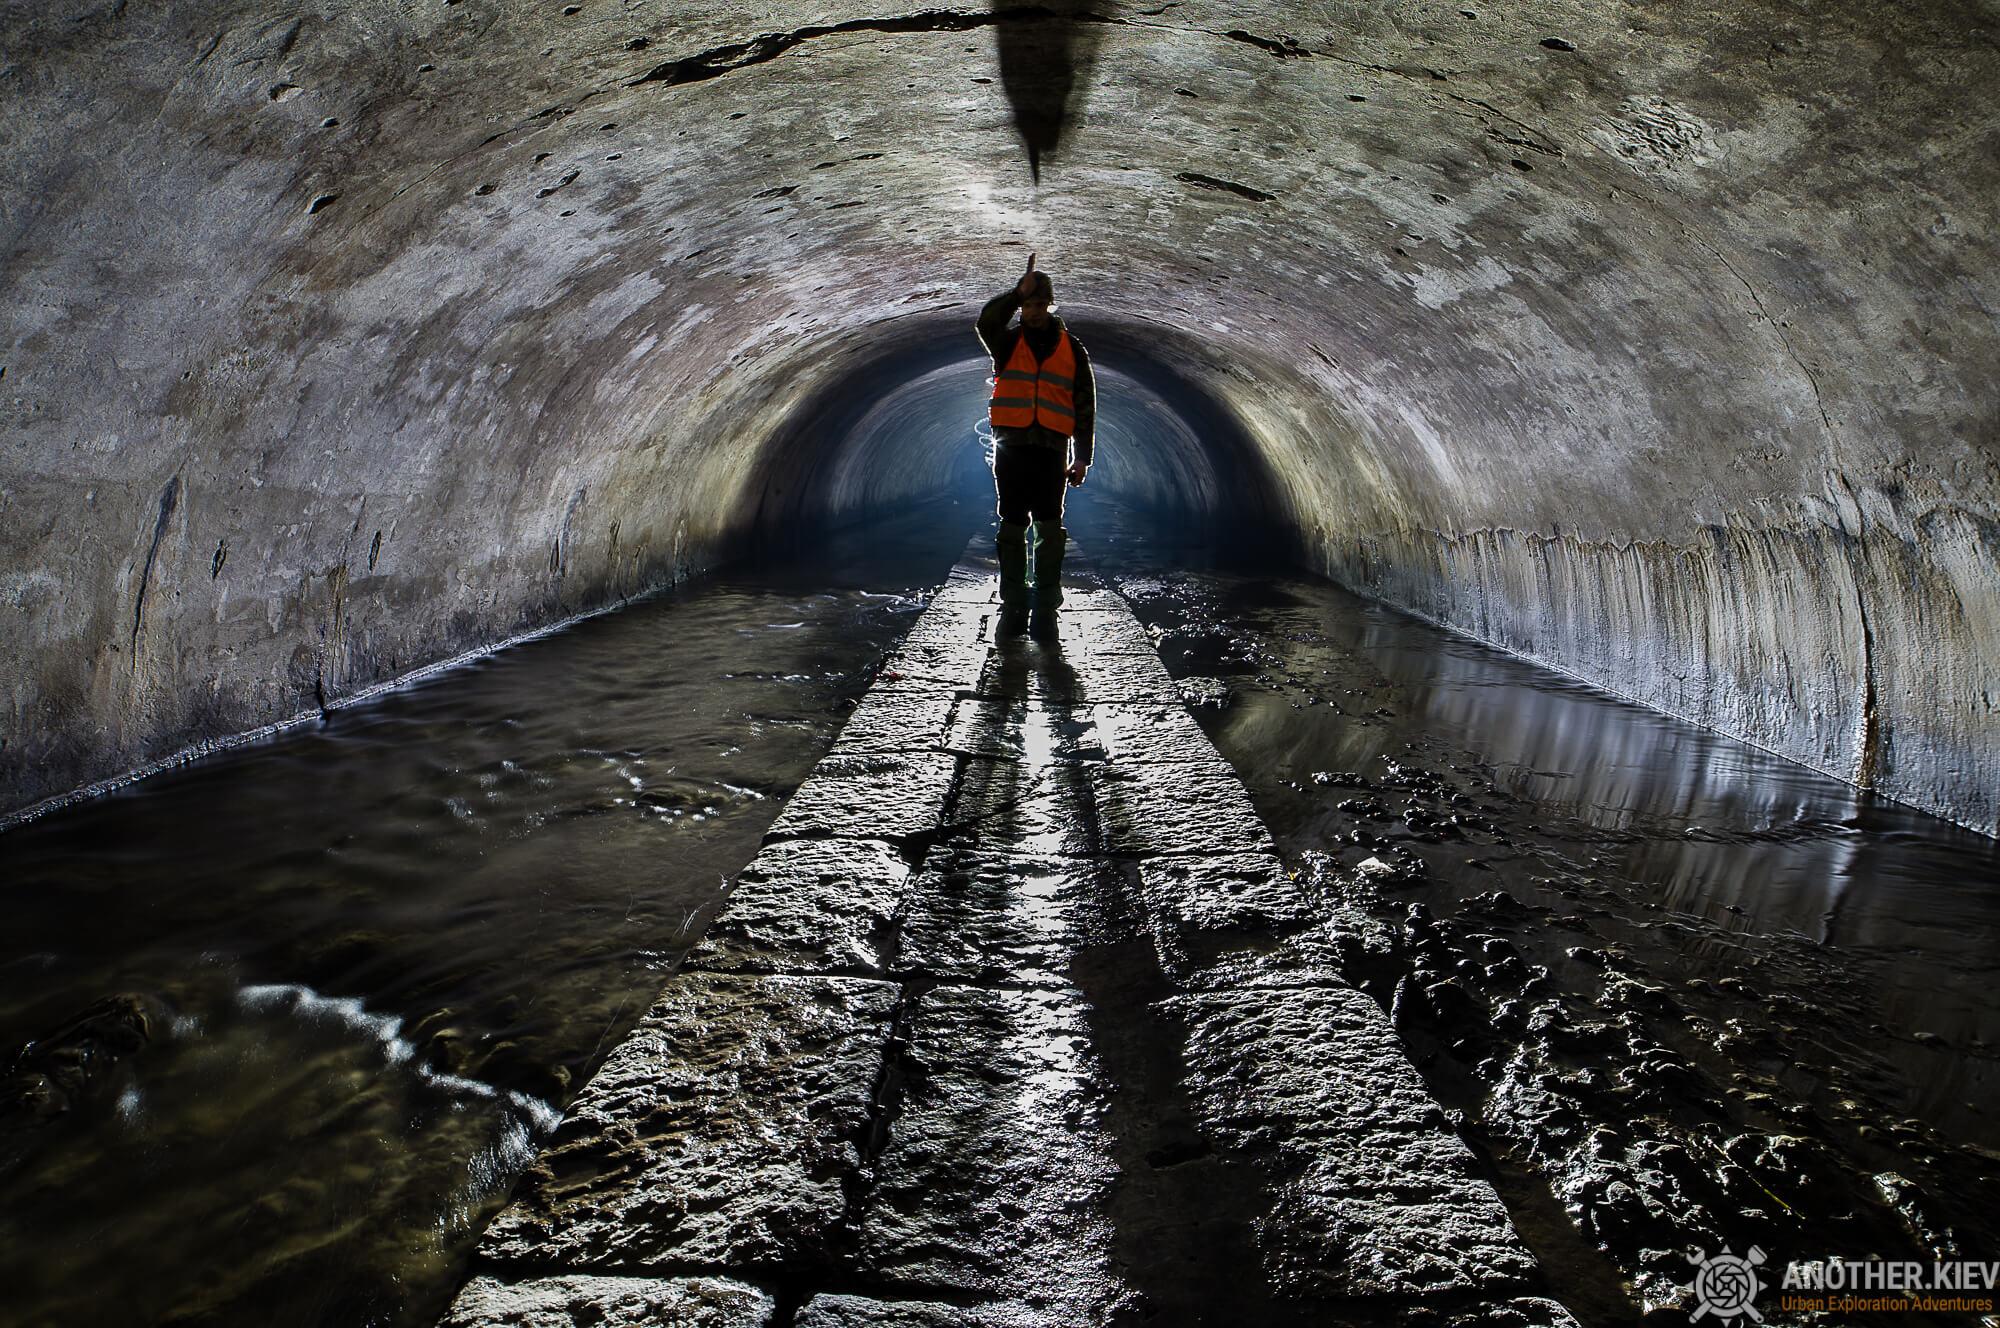 klov__IGP7919 Туннели под Крещатиком - 2020.03.26 20:00